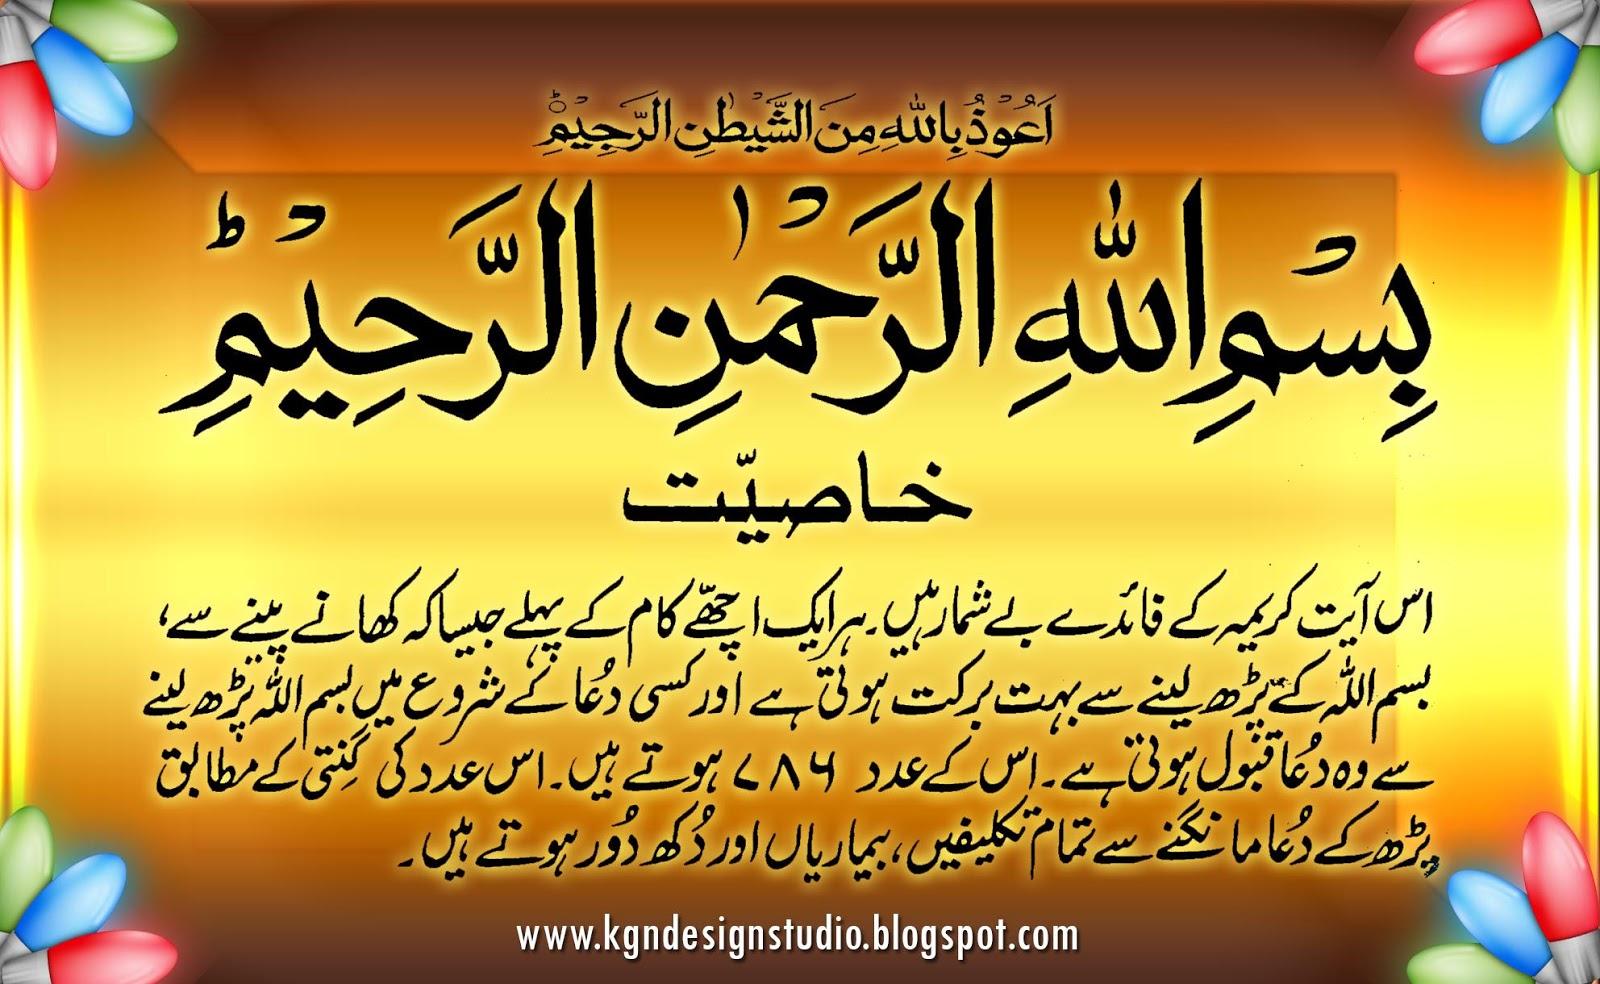 http://3.bp.blogspot.com/-xOa1XmU7Lns/UO-tJLwdT-I/AAAAAAAACjk/uuGHJ-h6wLI/s1600/Urdu+Hadees-3.jpg